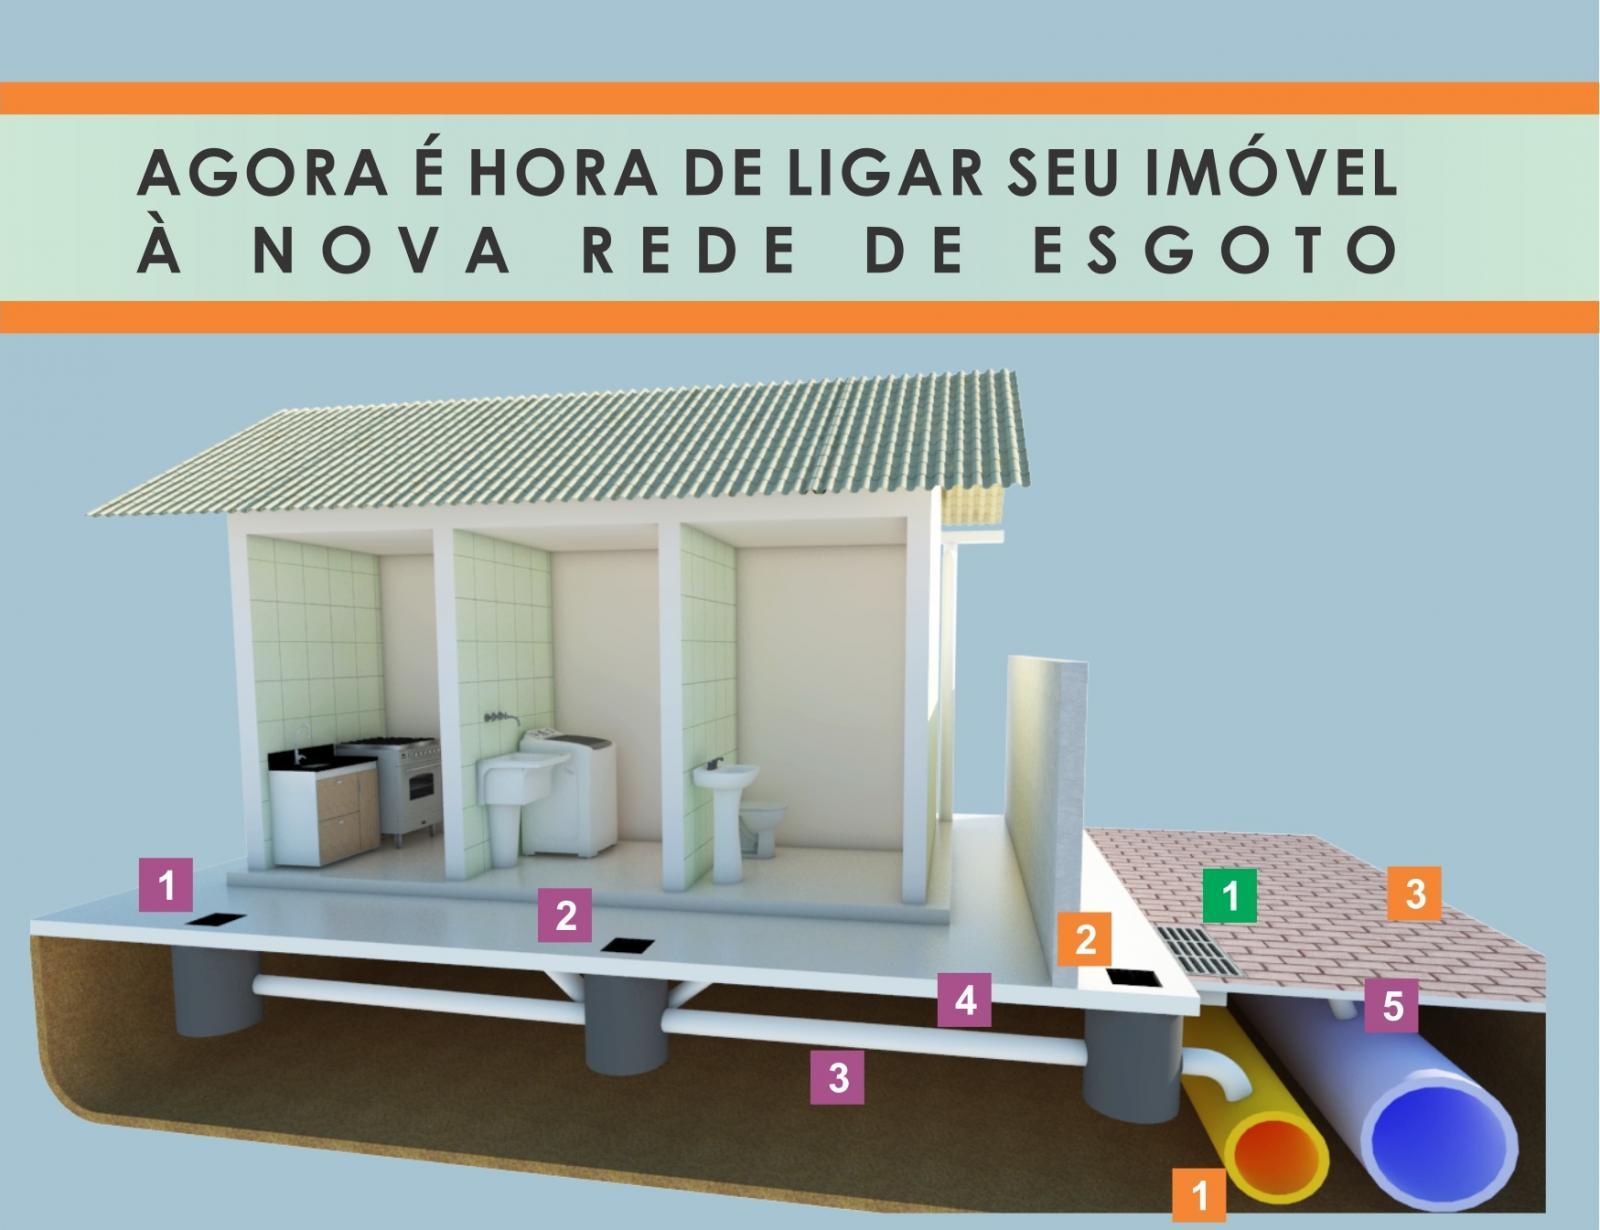 Rede de Tratamento de Esgoto de Itarana já está funcionando, moradores devem ligar seus imóveis à Rede Coletora